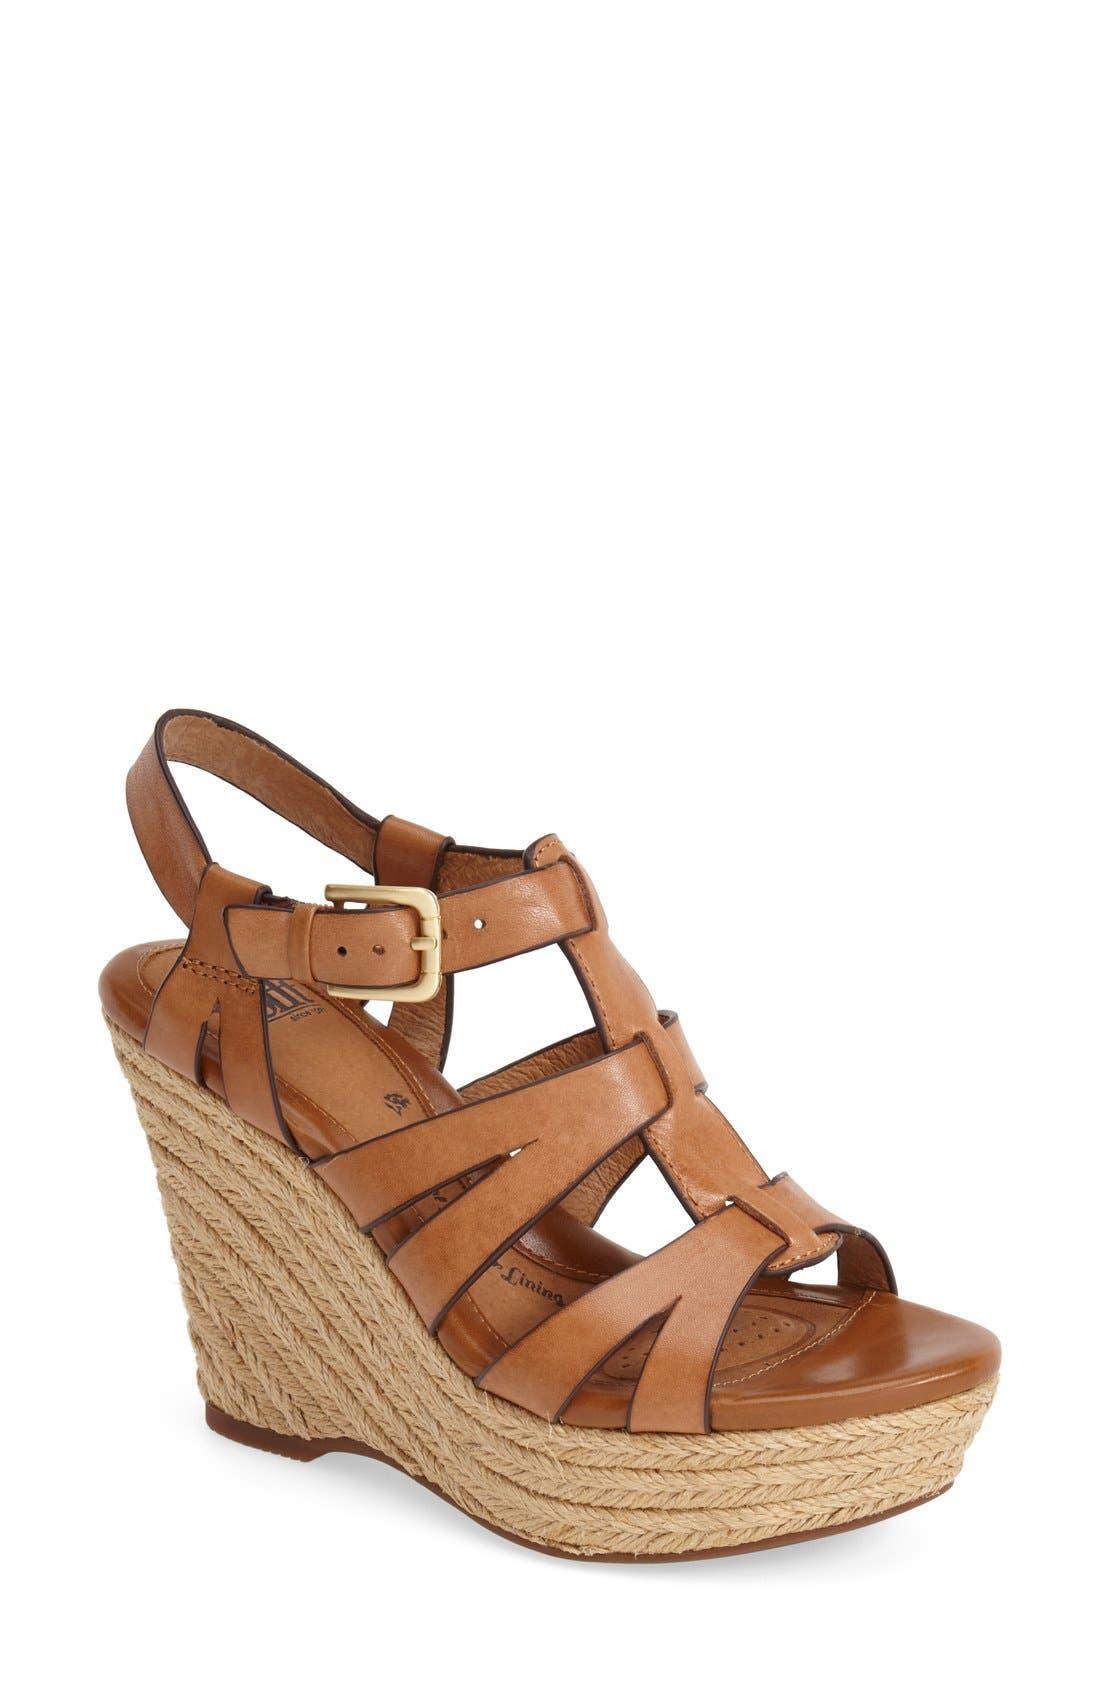 Alternate Image 1 Selected - Söfft 'Pahana' Espadrille Wedge Sandal (Women)